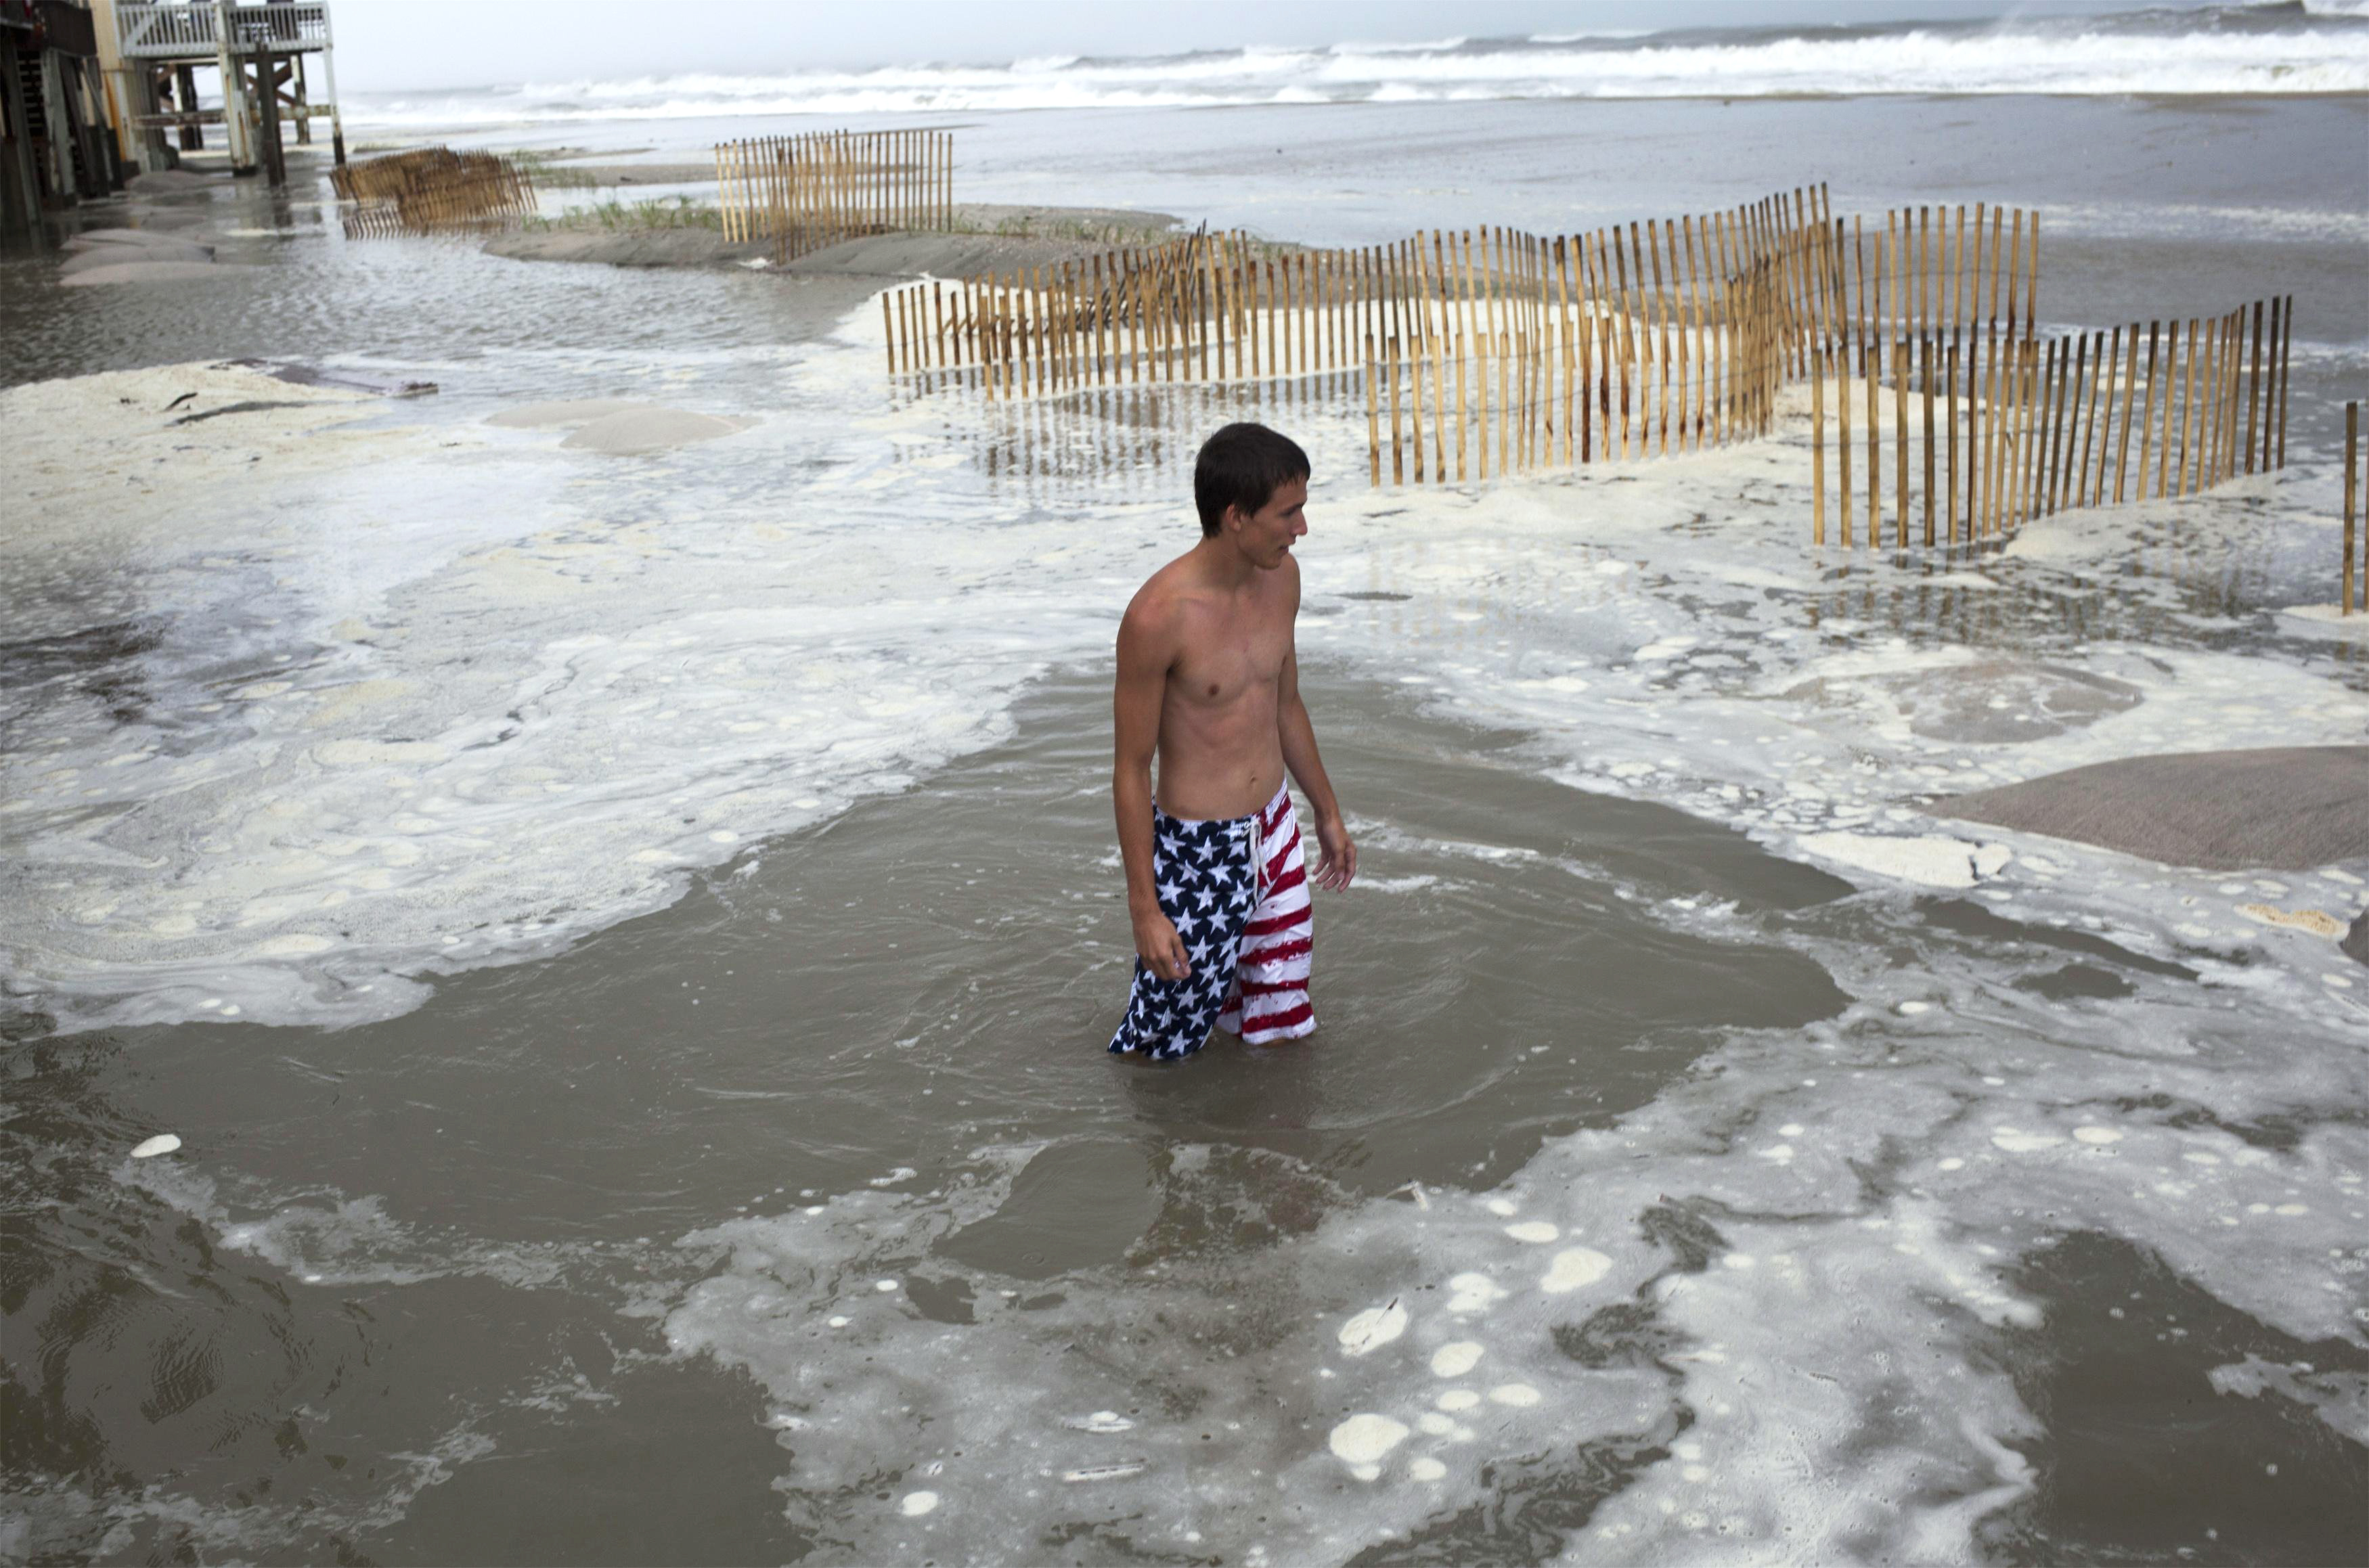 Kyler Cook, 18, walks through the storm surge of Hurricane Arthur in Ocean Isle Beach, N.C., on July 3, 2014.